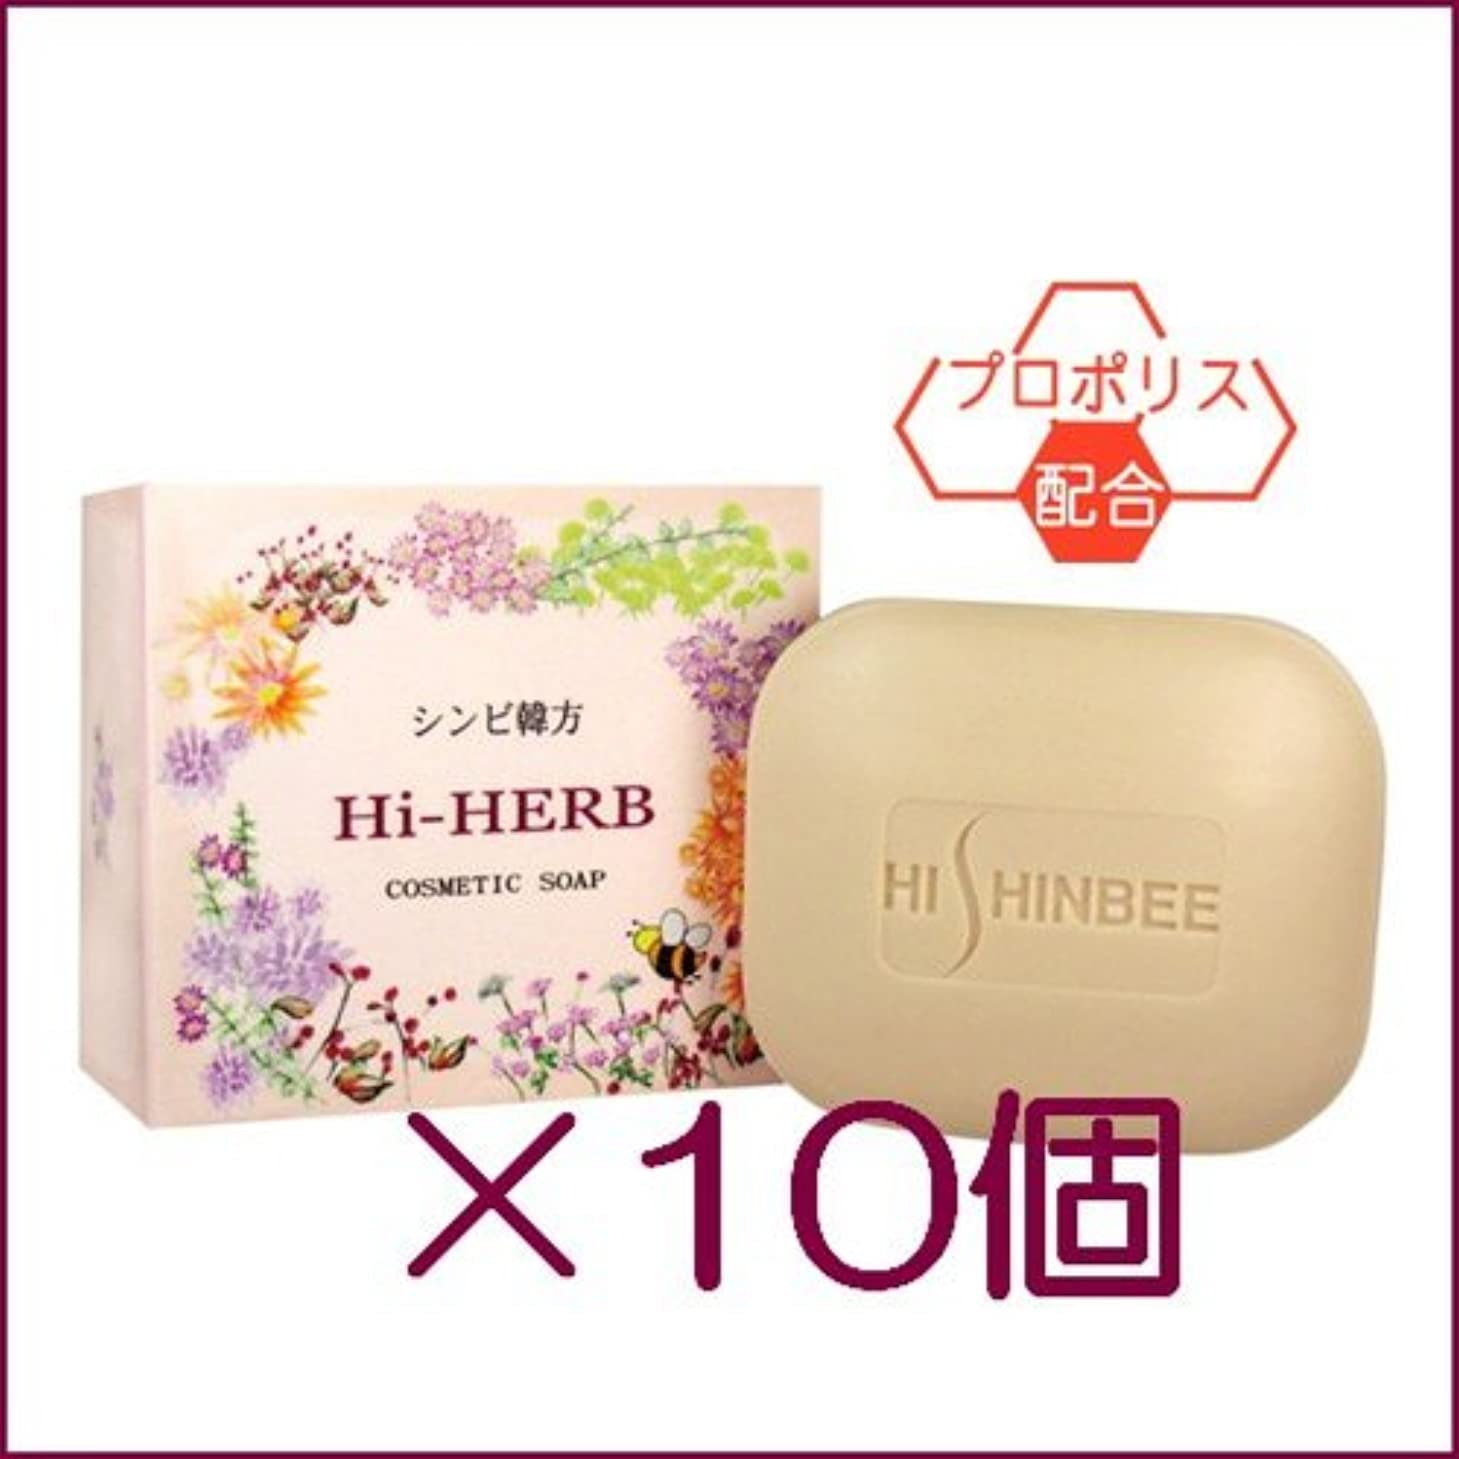 地雷原エレガントアレイシンビ 韓方ハイハーブ石鹸 100g ×10個